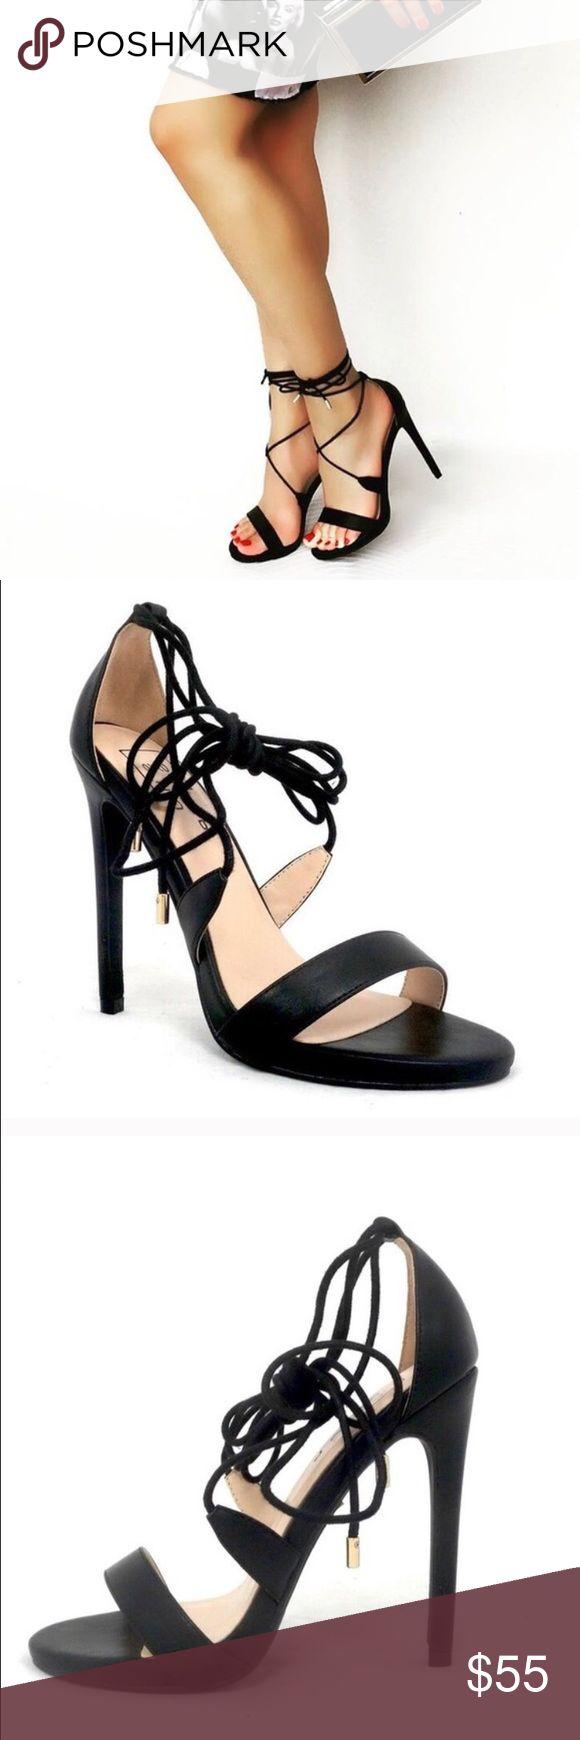 """Tamara - 5 Black Heels Faux Leather Black High Heel. Ties up around ankle. Heel height approx 4 3/4"""" Shoes Heels"""